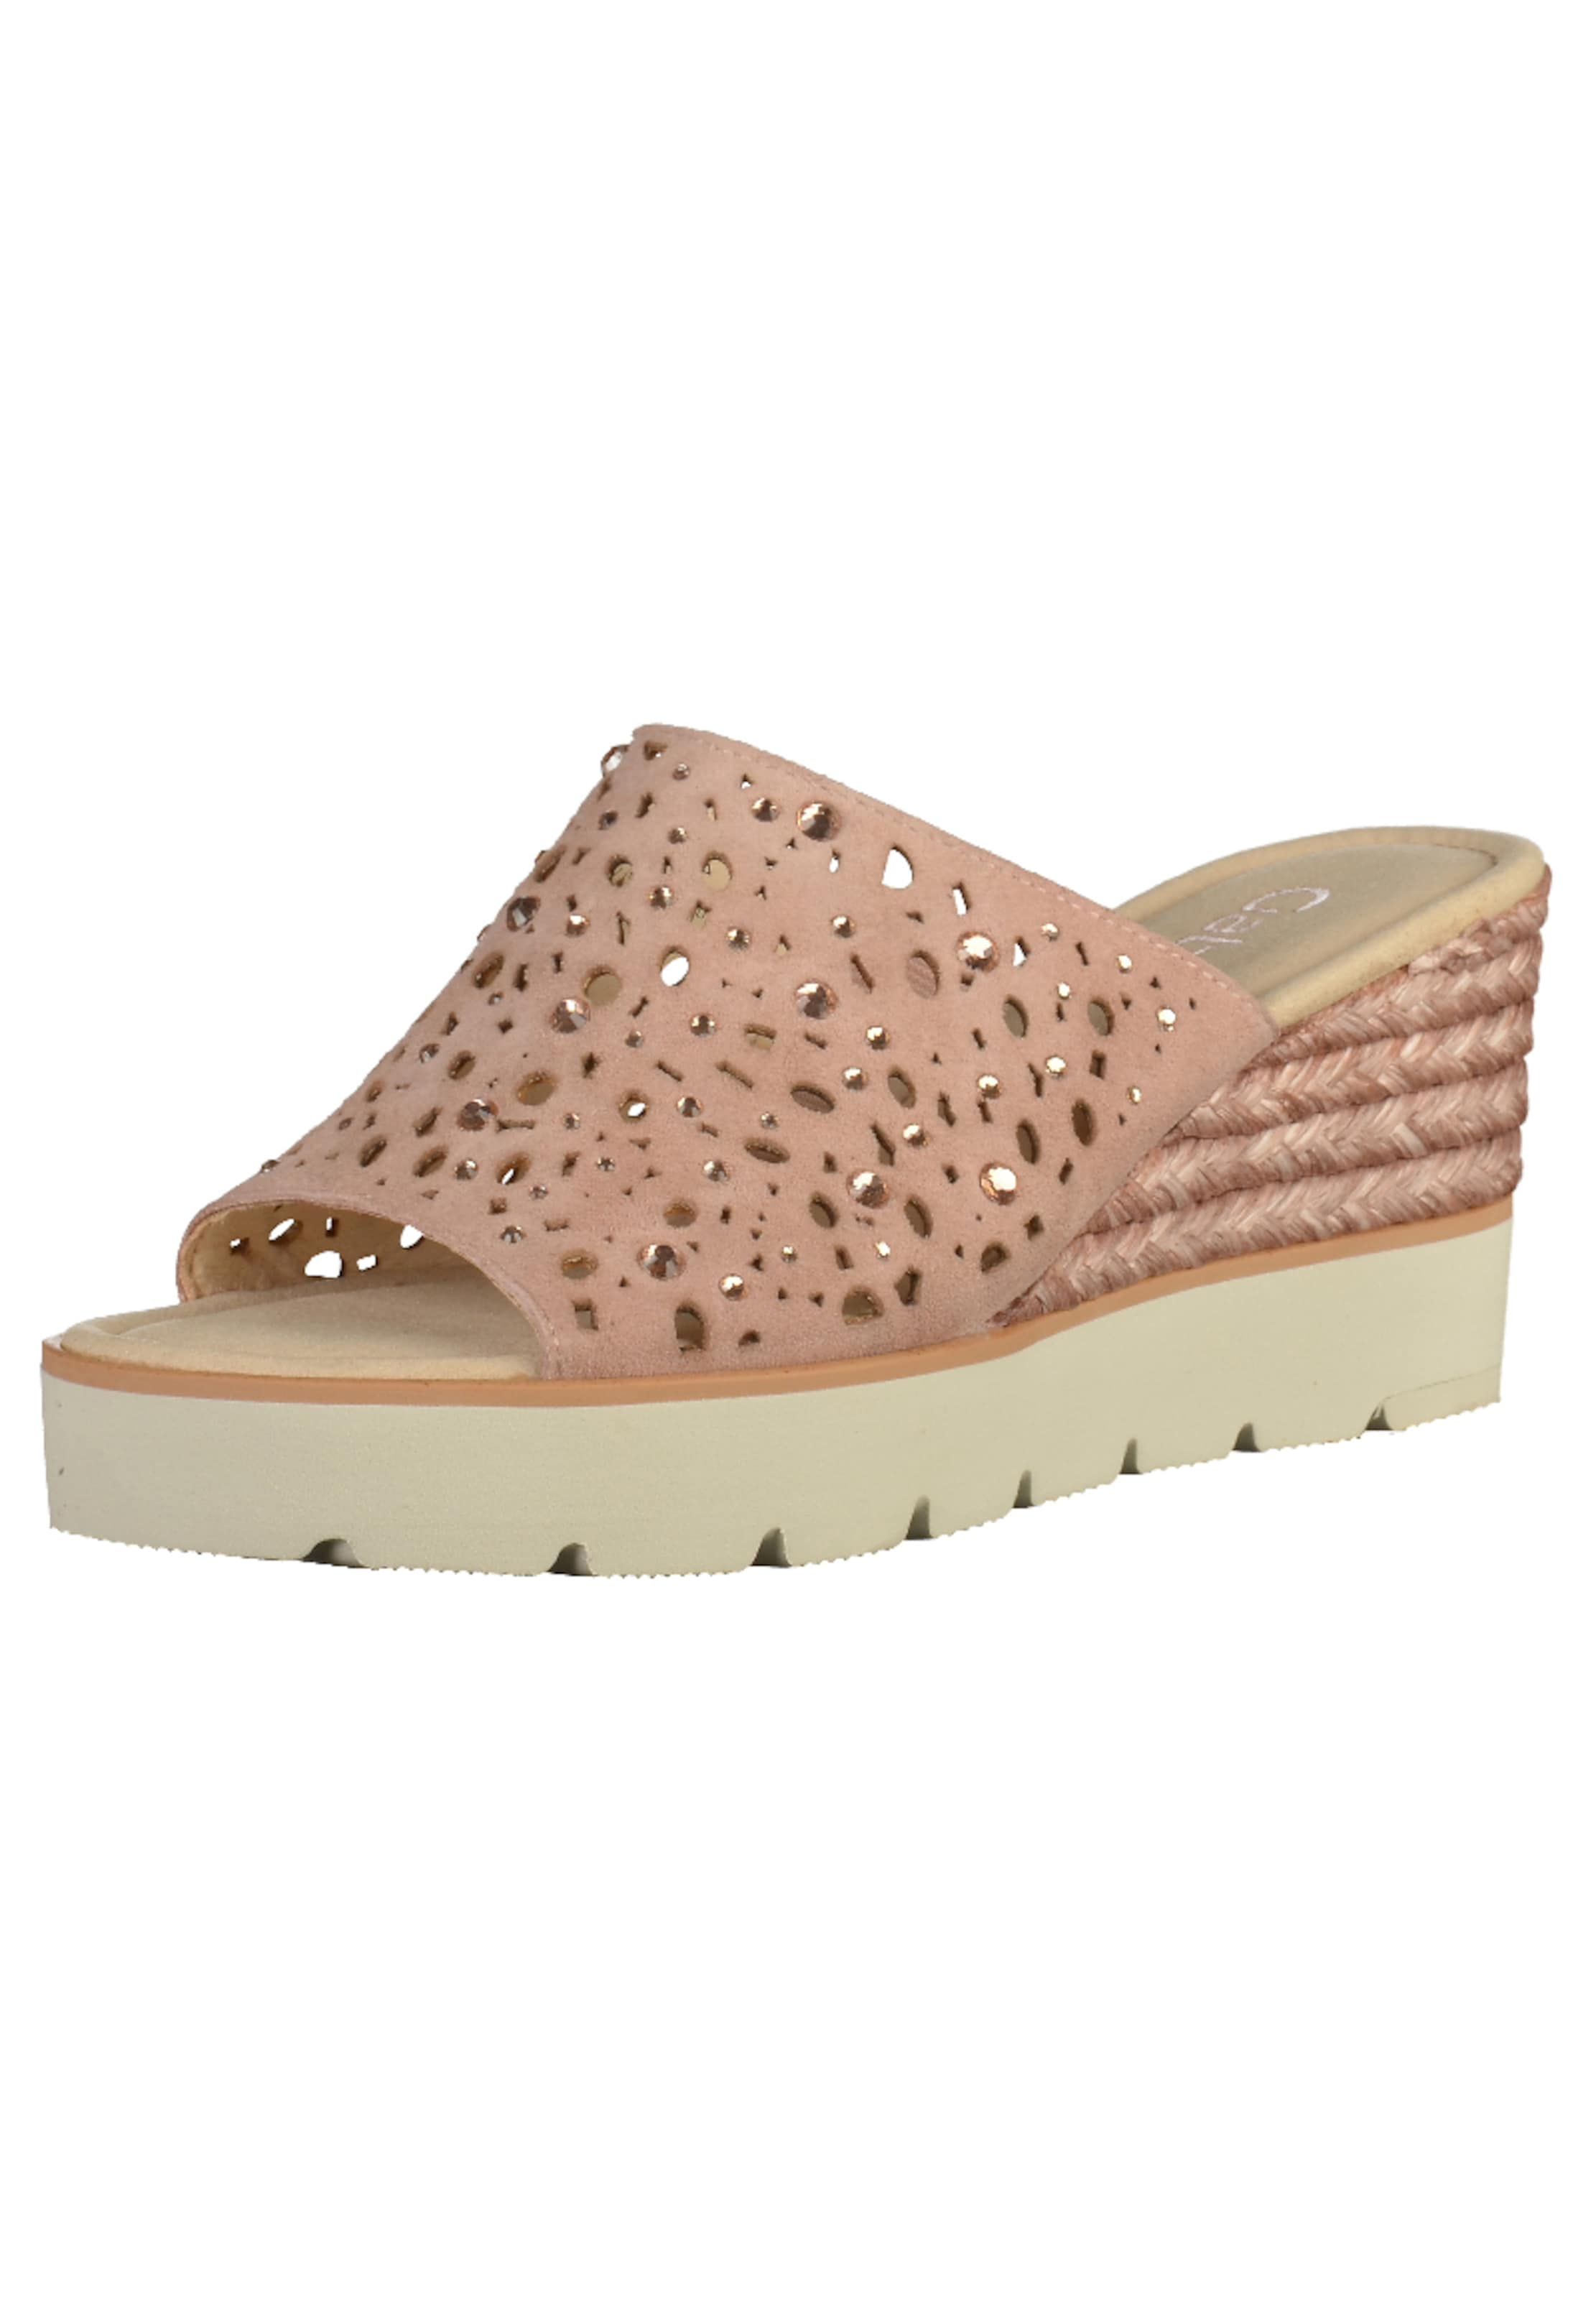 GABOR Keilpantolette Günstige und langlebige Schuhe